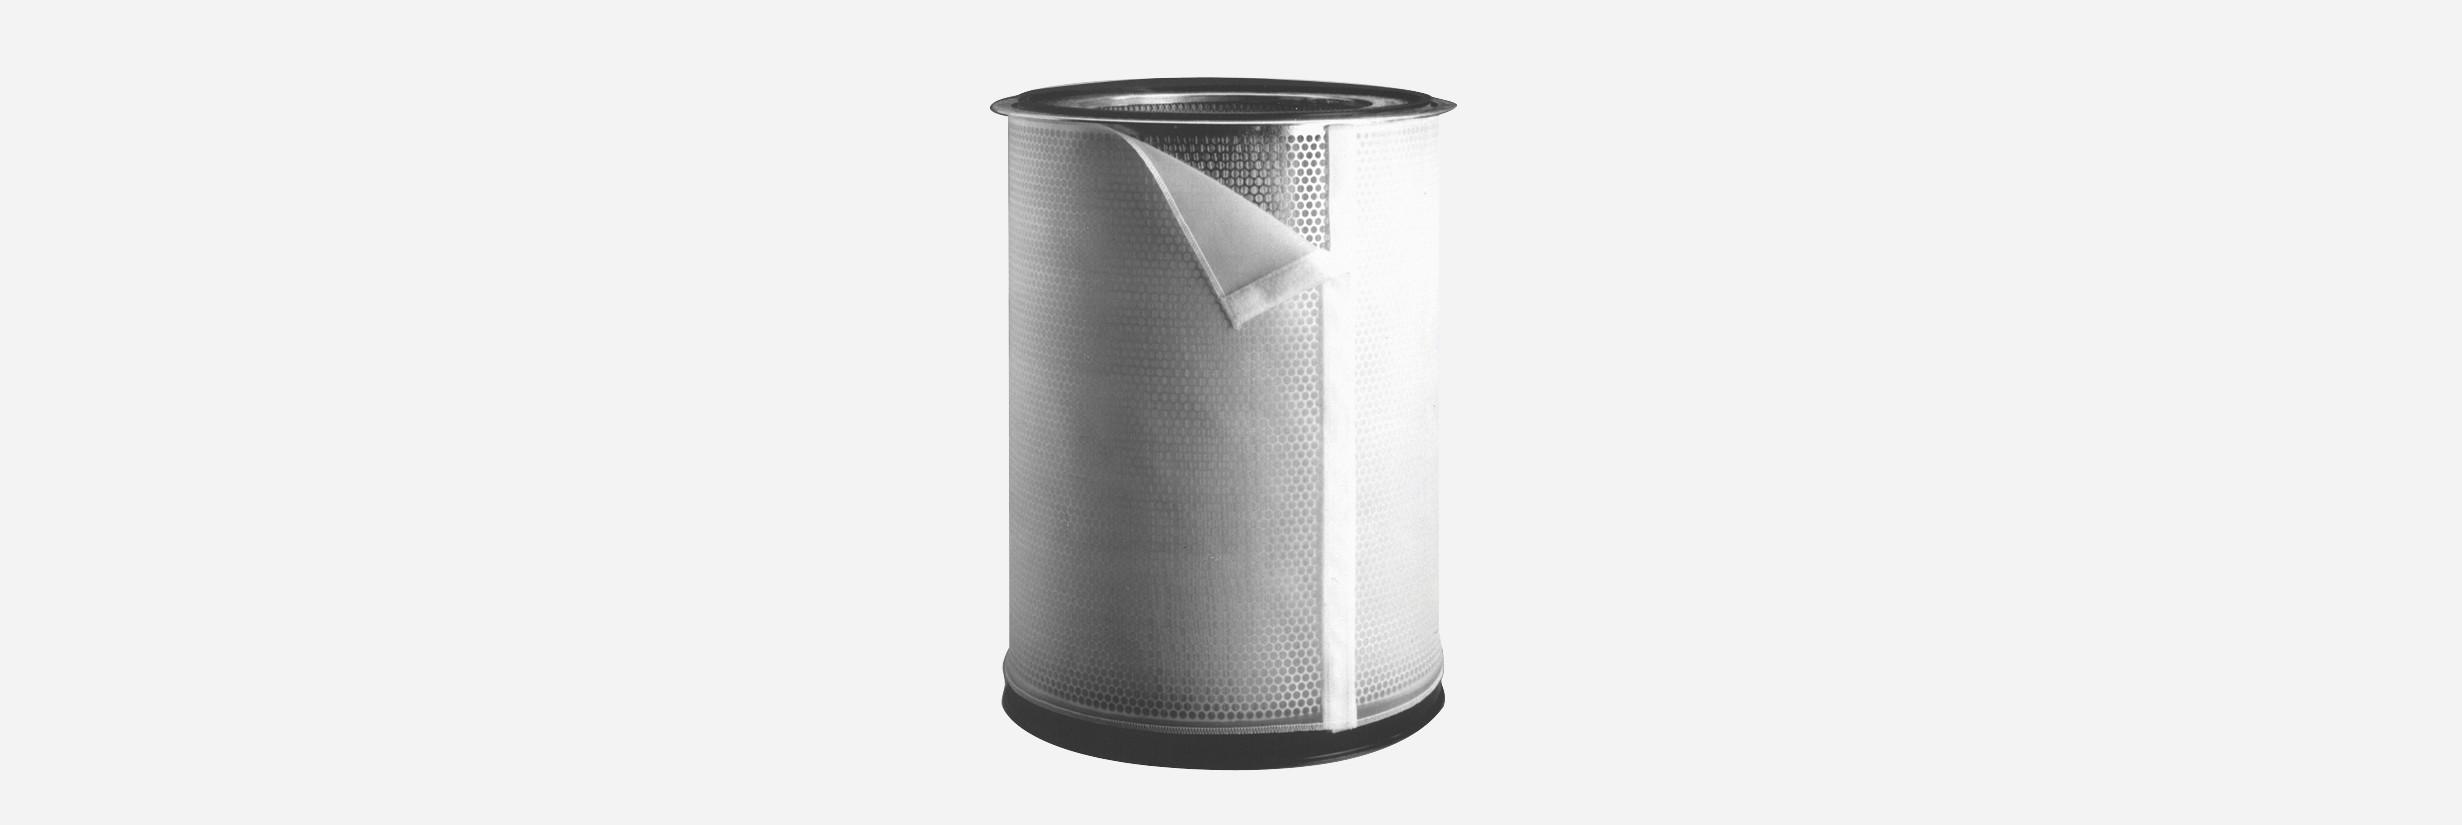 Donaldson Vibra-Shake Cartridge Filter hero image   AIRPLUS Industrial